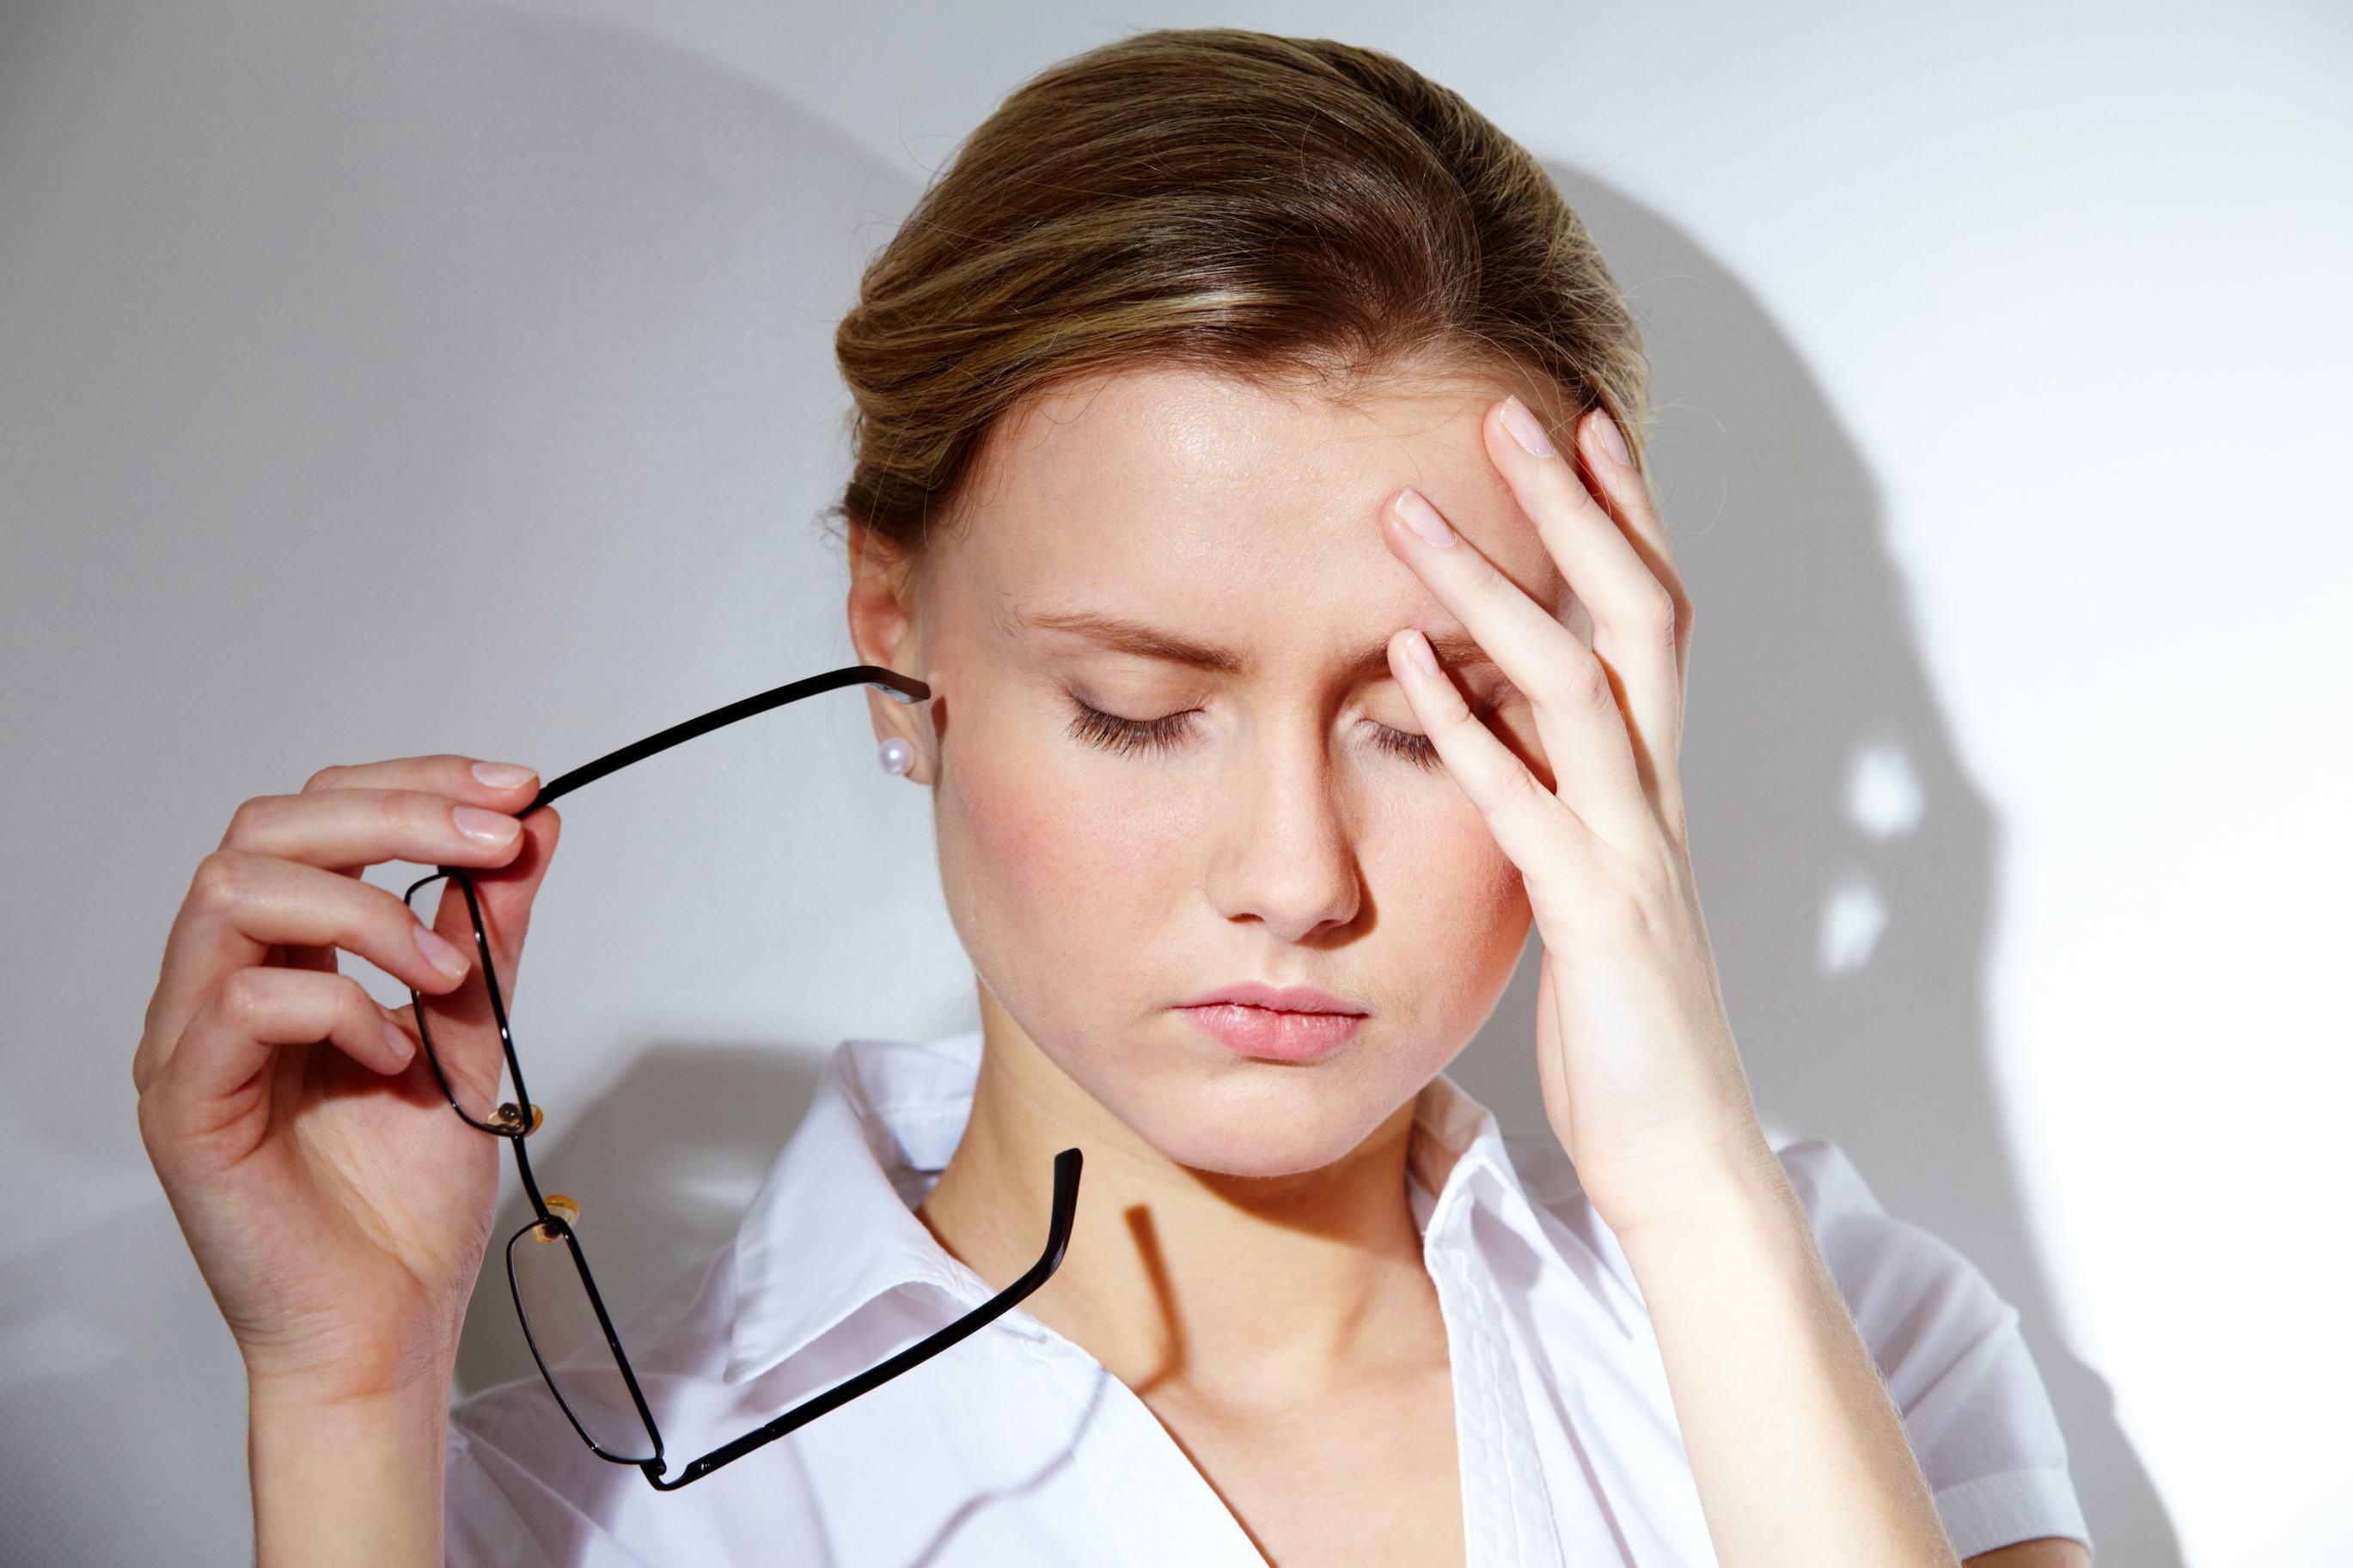 Mệt mỏi thường xuyên – Triệu chứng bệnh gì, phải làm sao